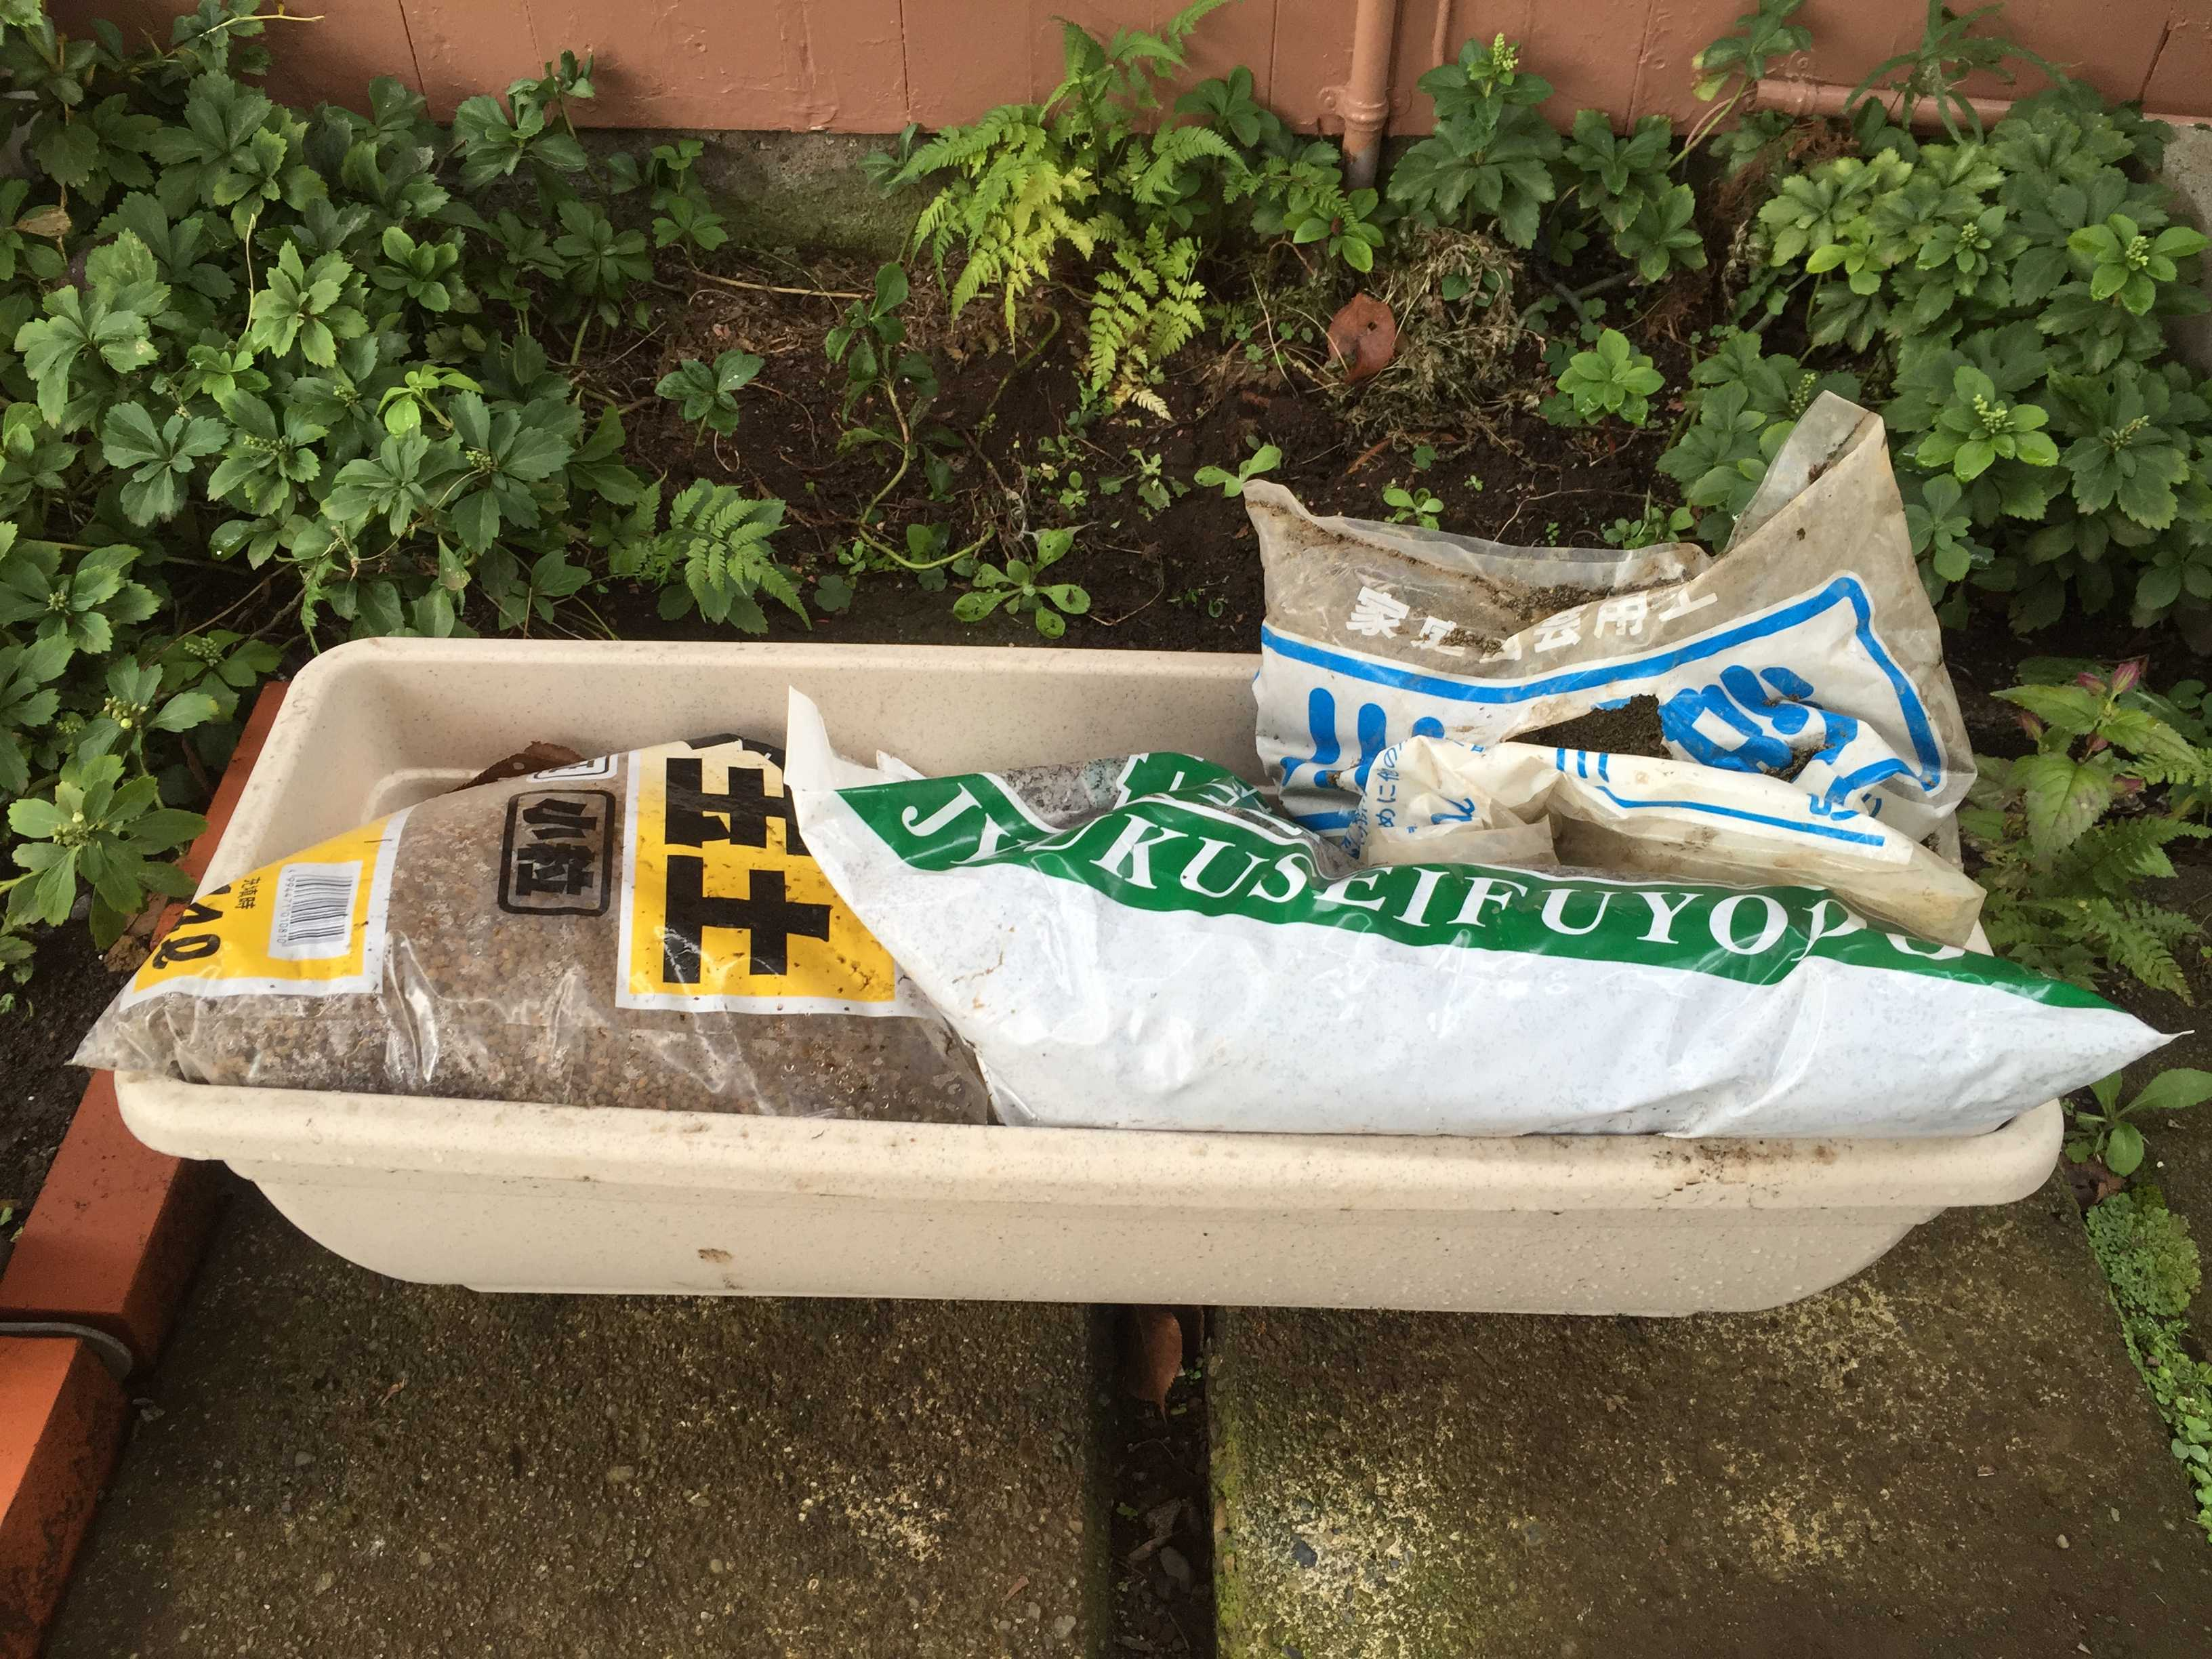 ヤマユリの種子繁殖/実生 - 赤玉土(小粒): 腐葉土 : 川砂 を 4:4:2の割合で配合した配合土